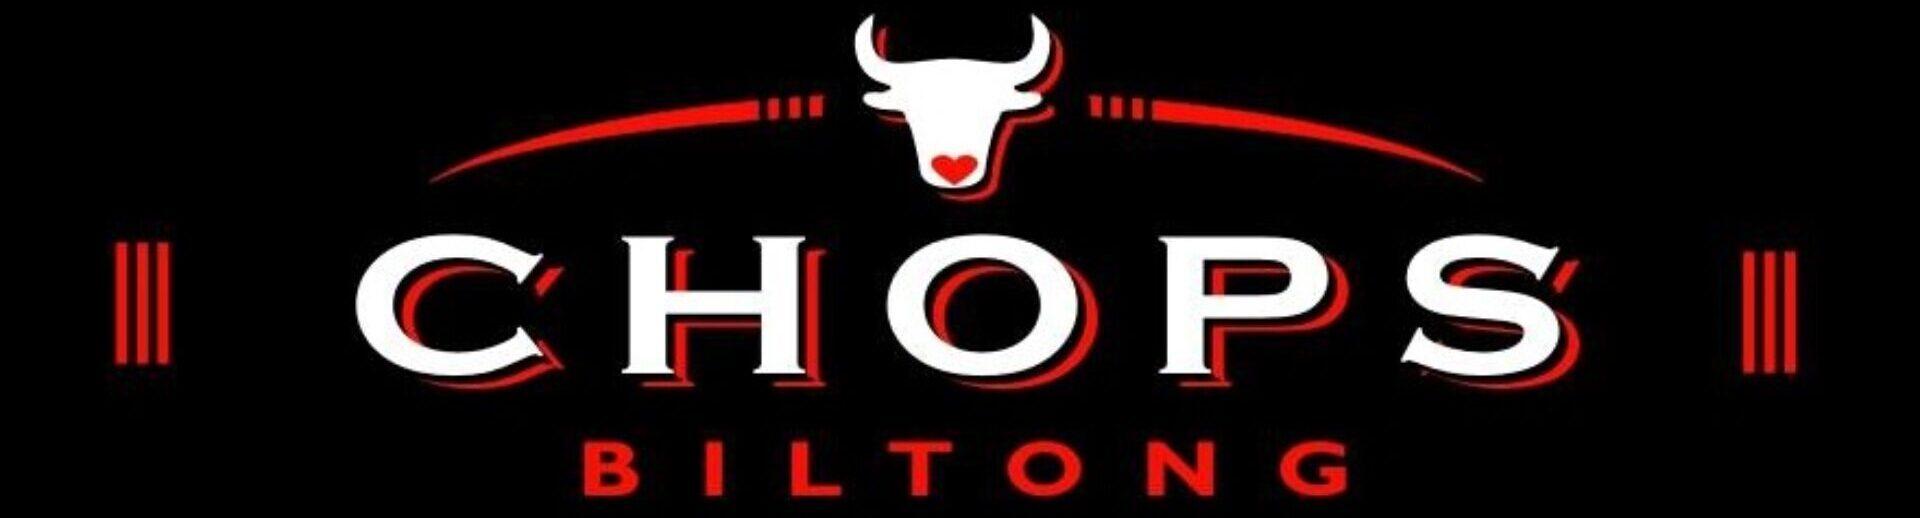 Chops Biltong